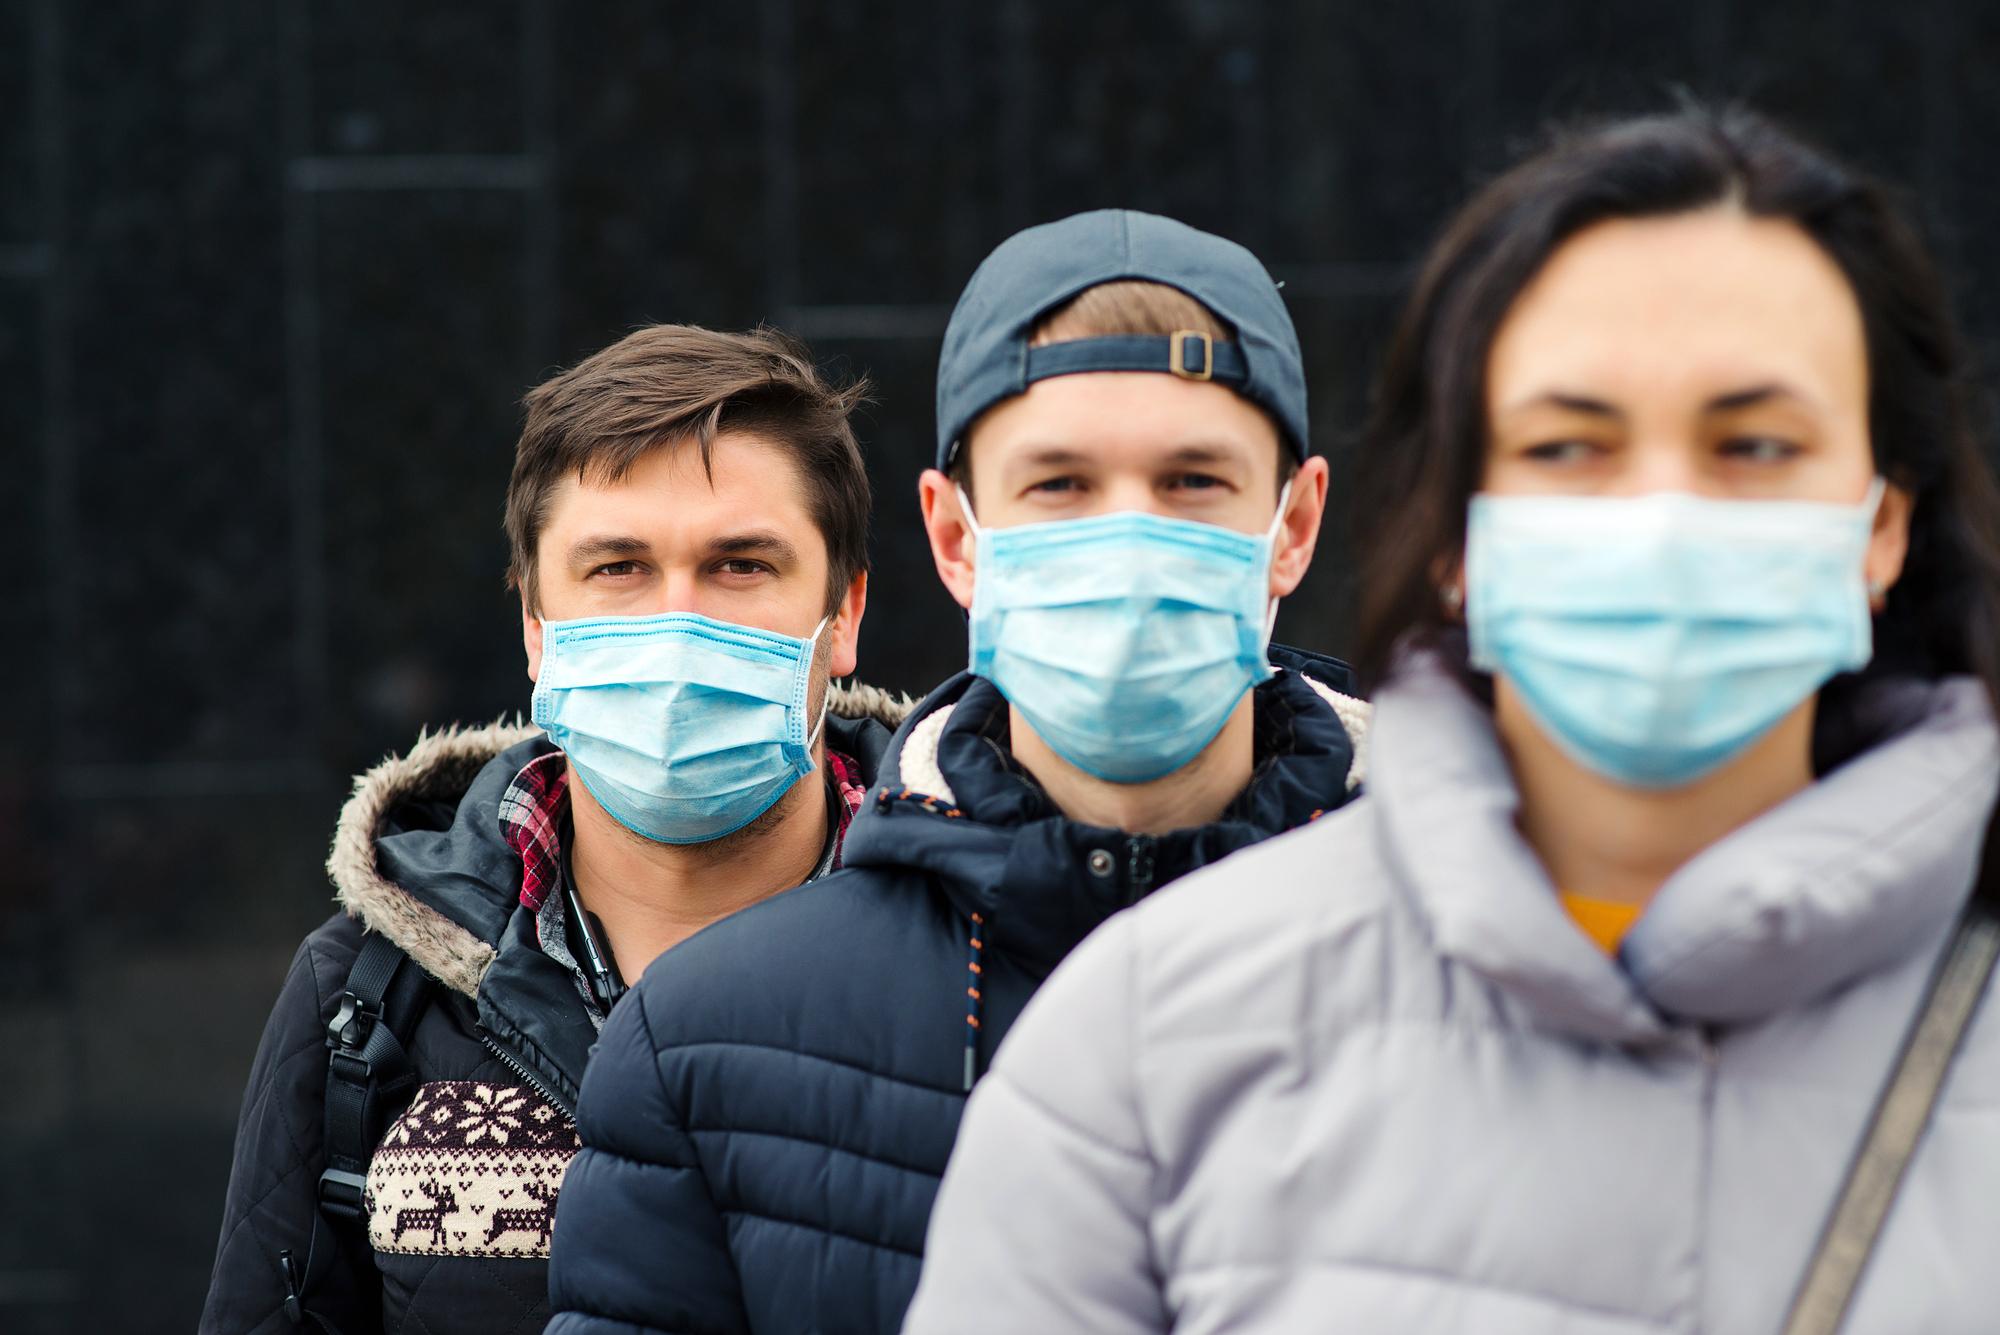 Импотенция и не только. Чем ещё опасен коронавирус